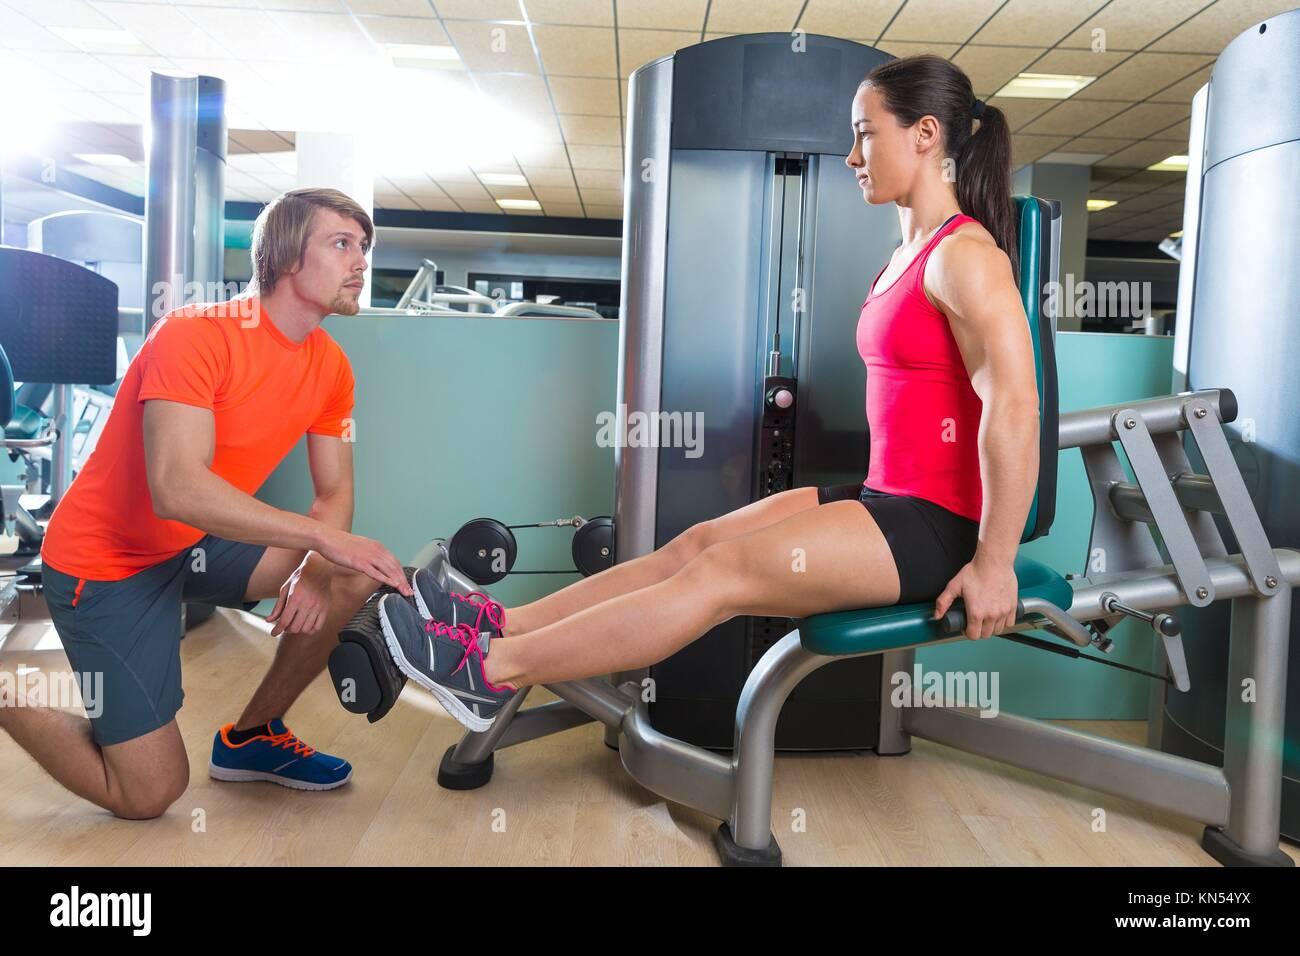 Mujer en la extensión de la pantorrilla máquina de ejercicios de entrenamiento de gimnasio y entrenador Imagen De Stock